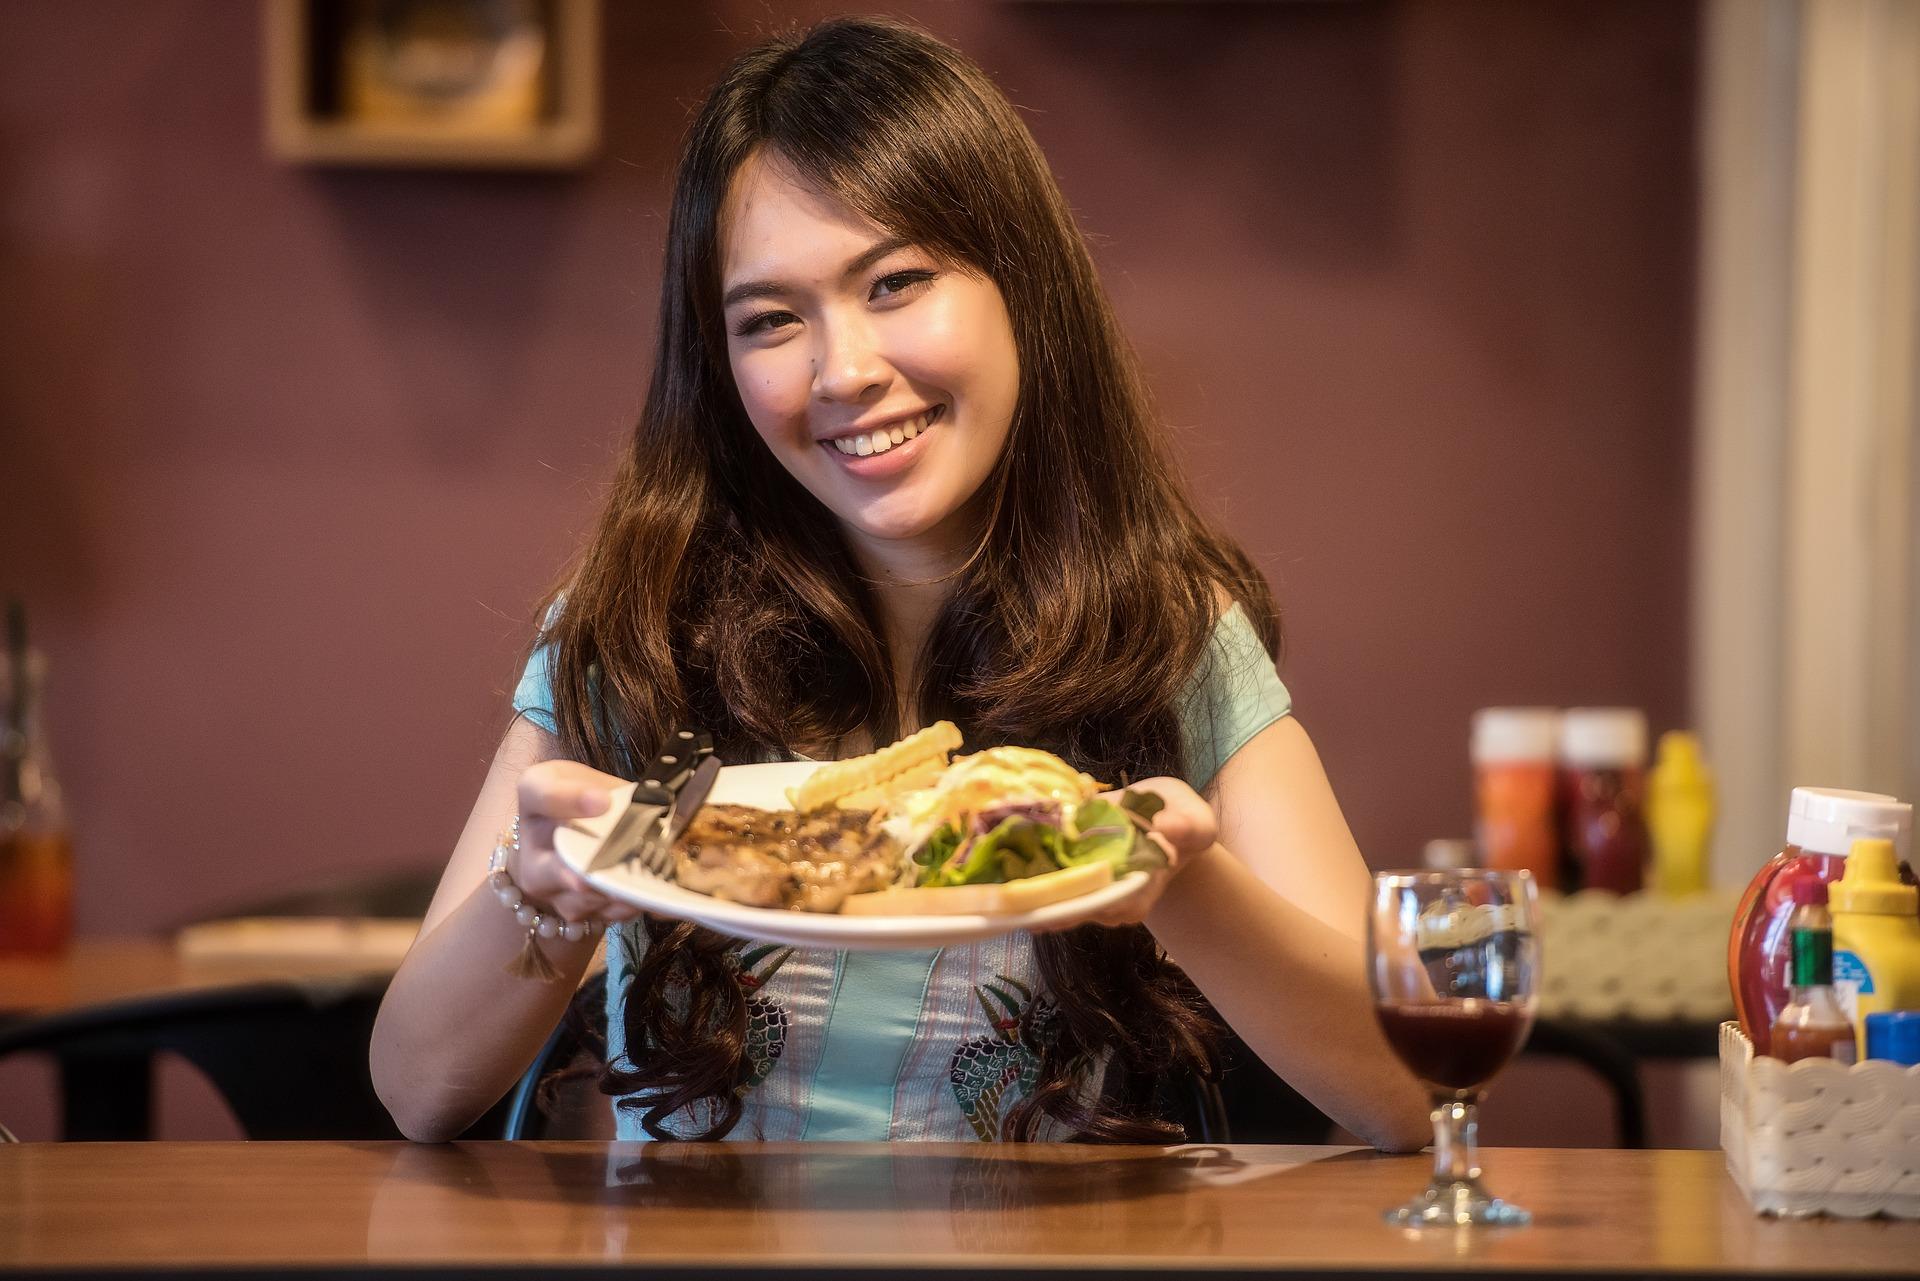 steak-woman-eating